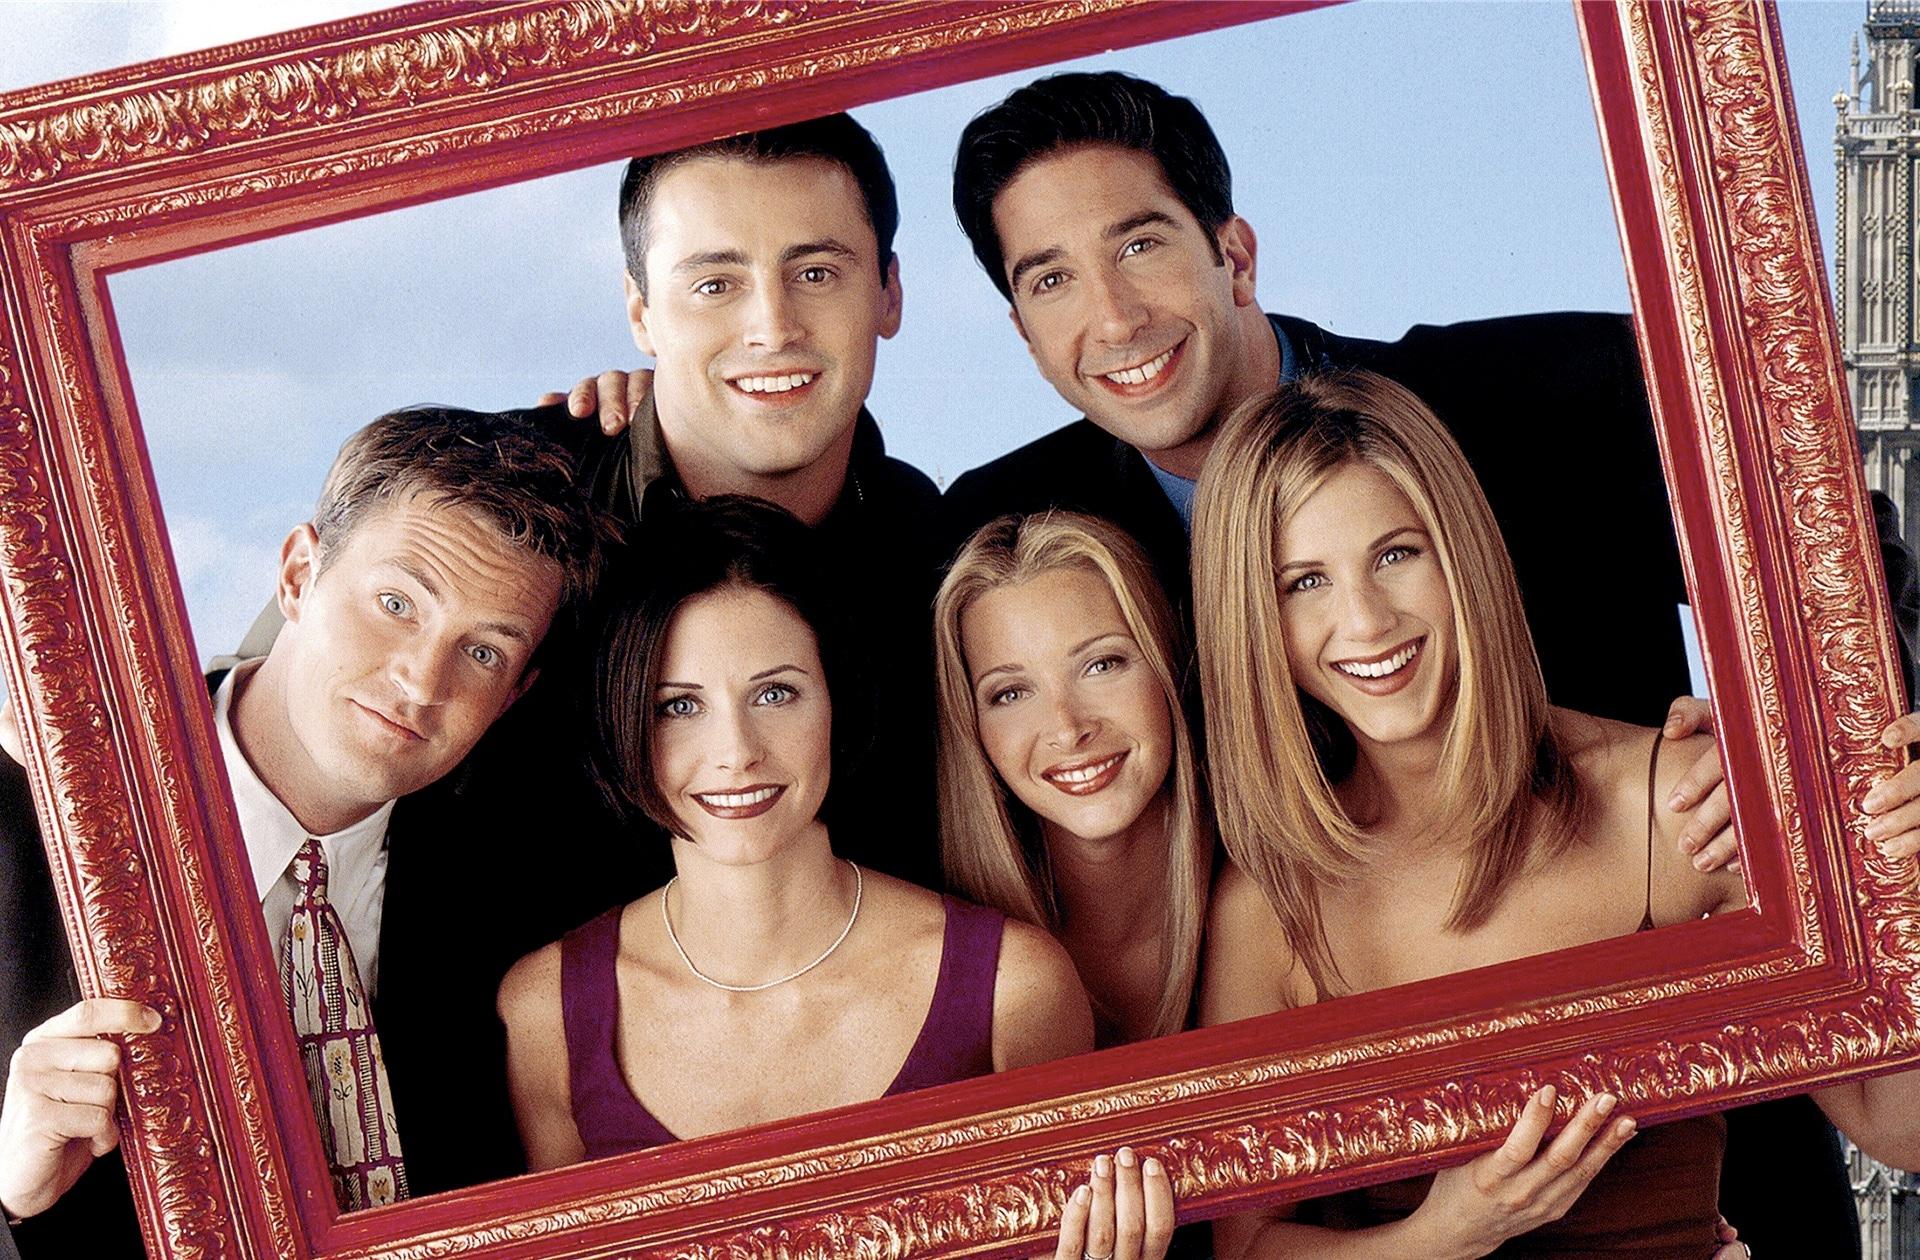 Quel personnage de « Friends» êtes-vous? Faites le test!